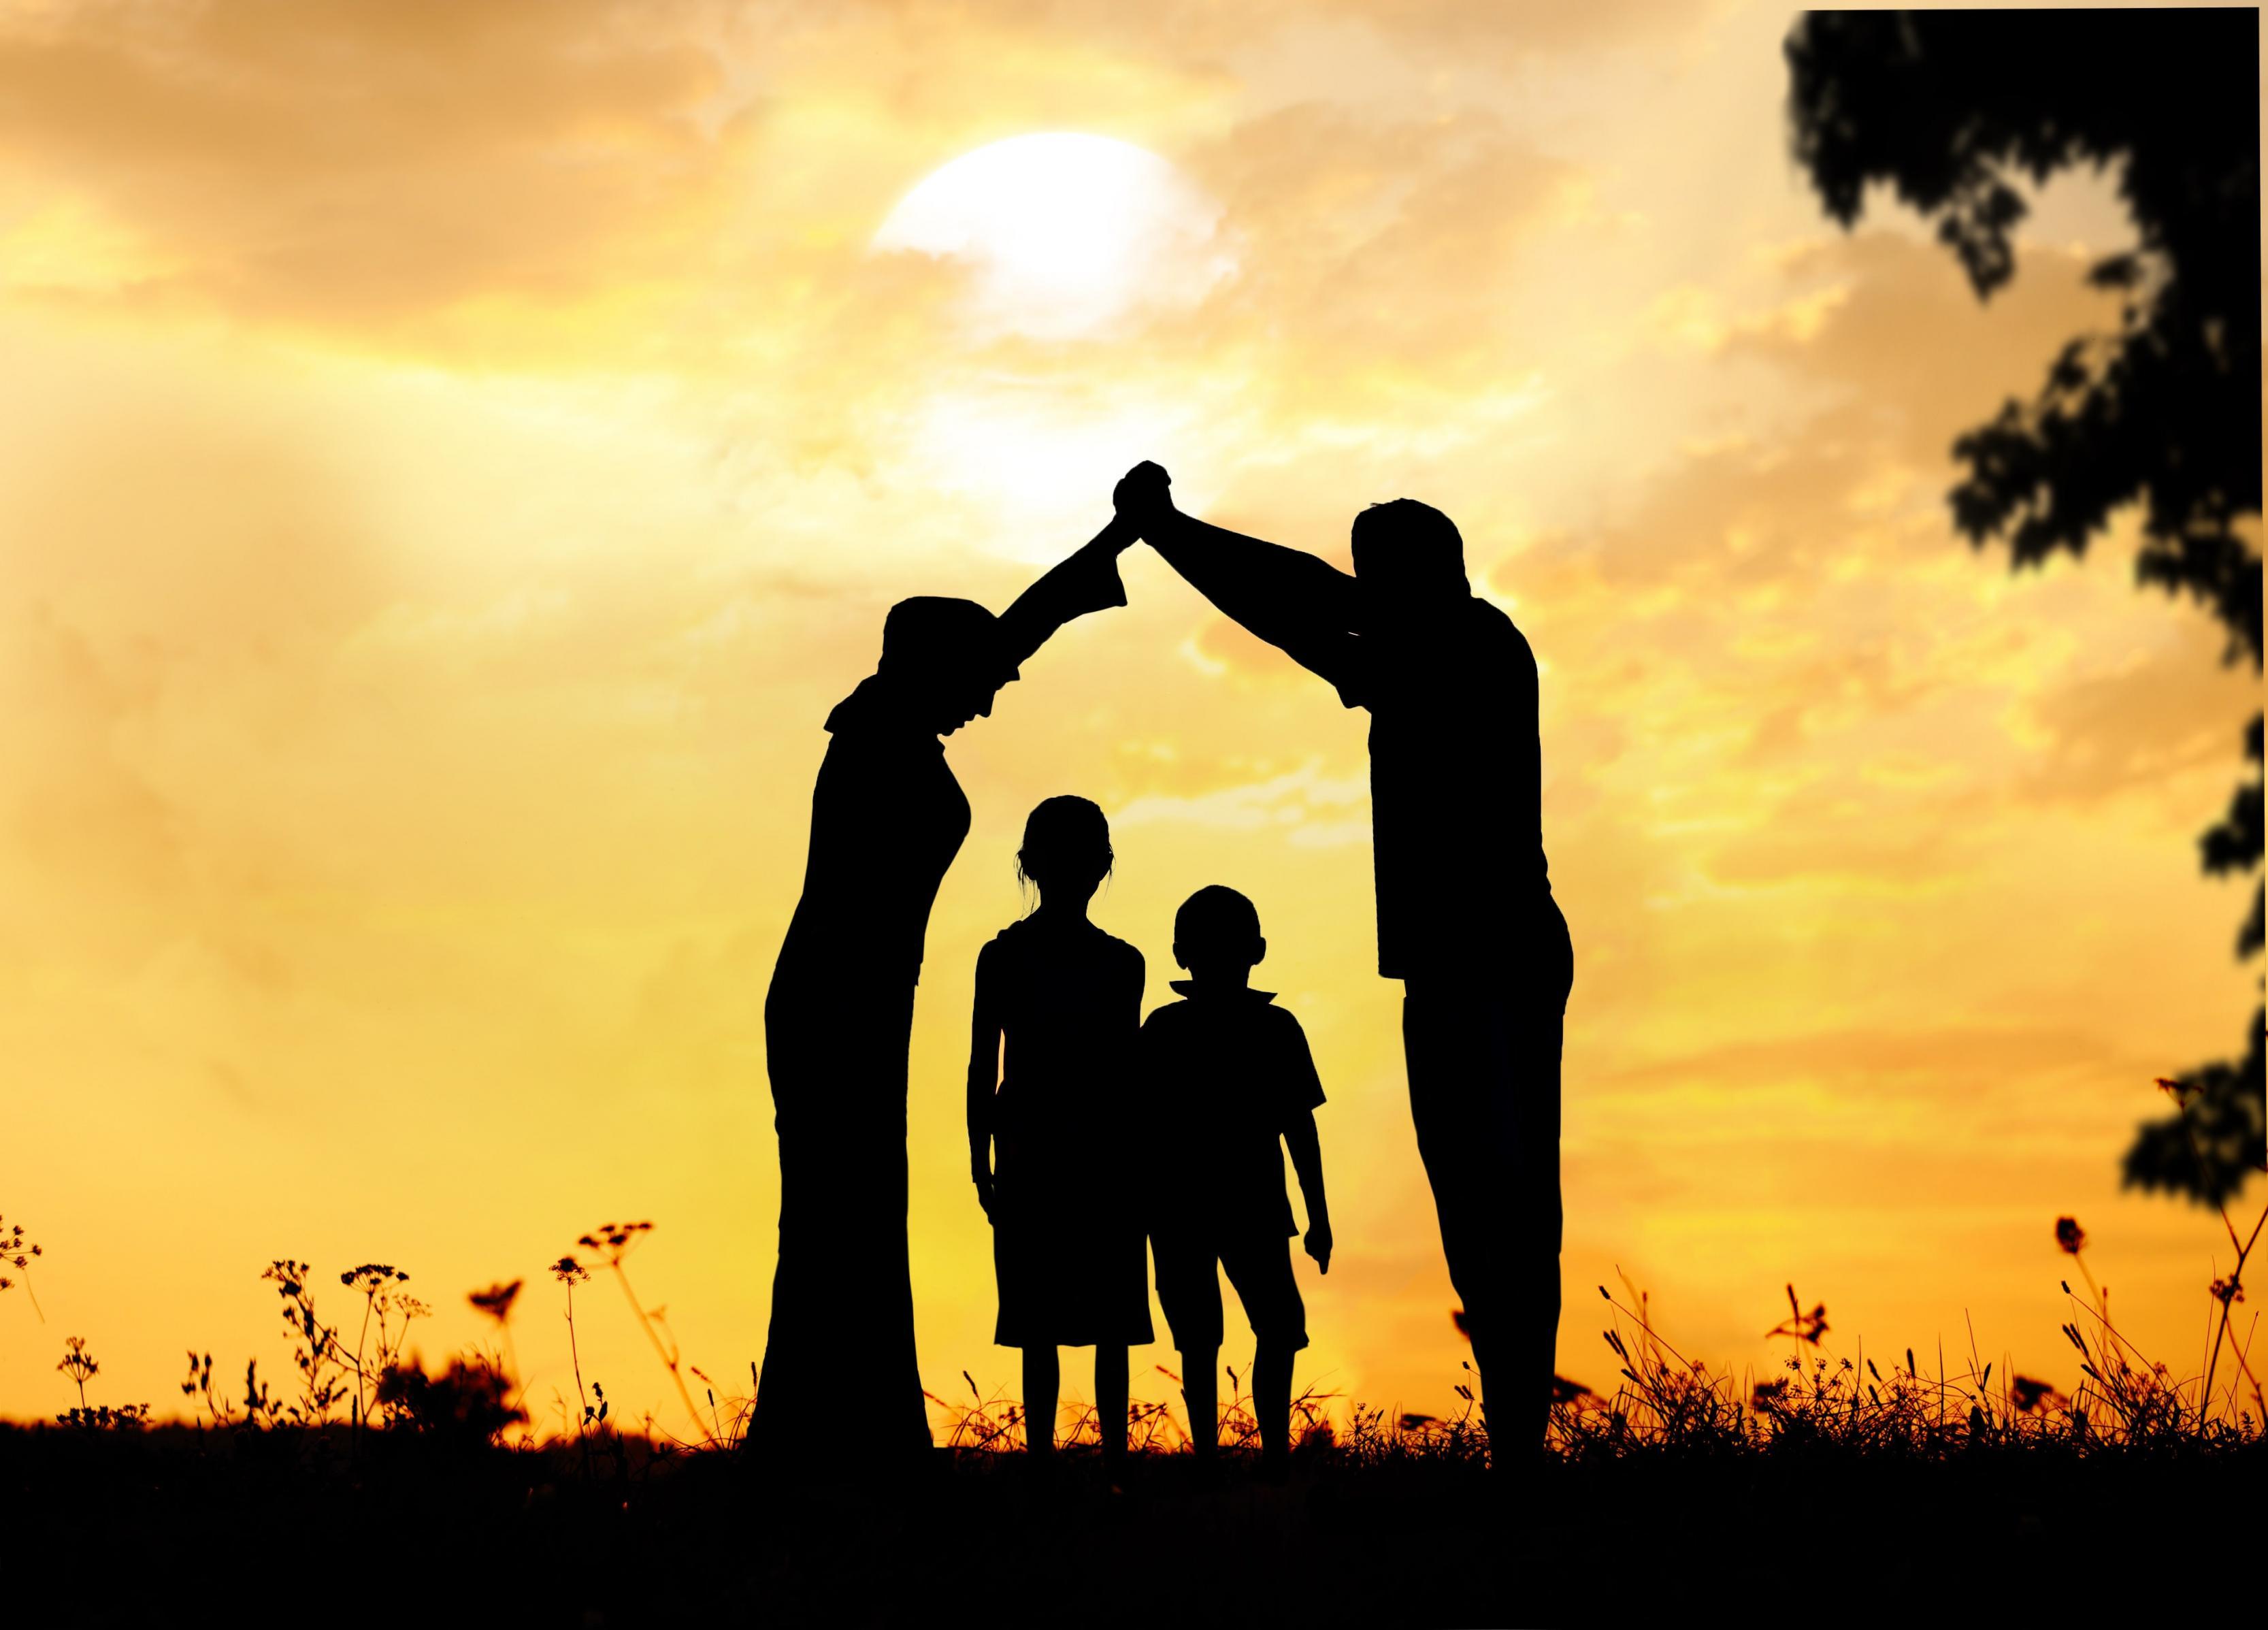 صور صور عن التواضع , صفات الرسل واهل العلم والتواضع لله رفعه